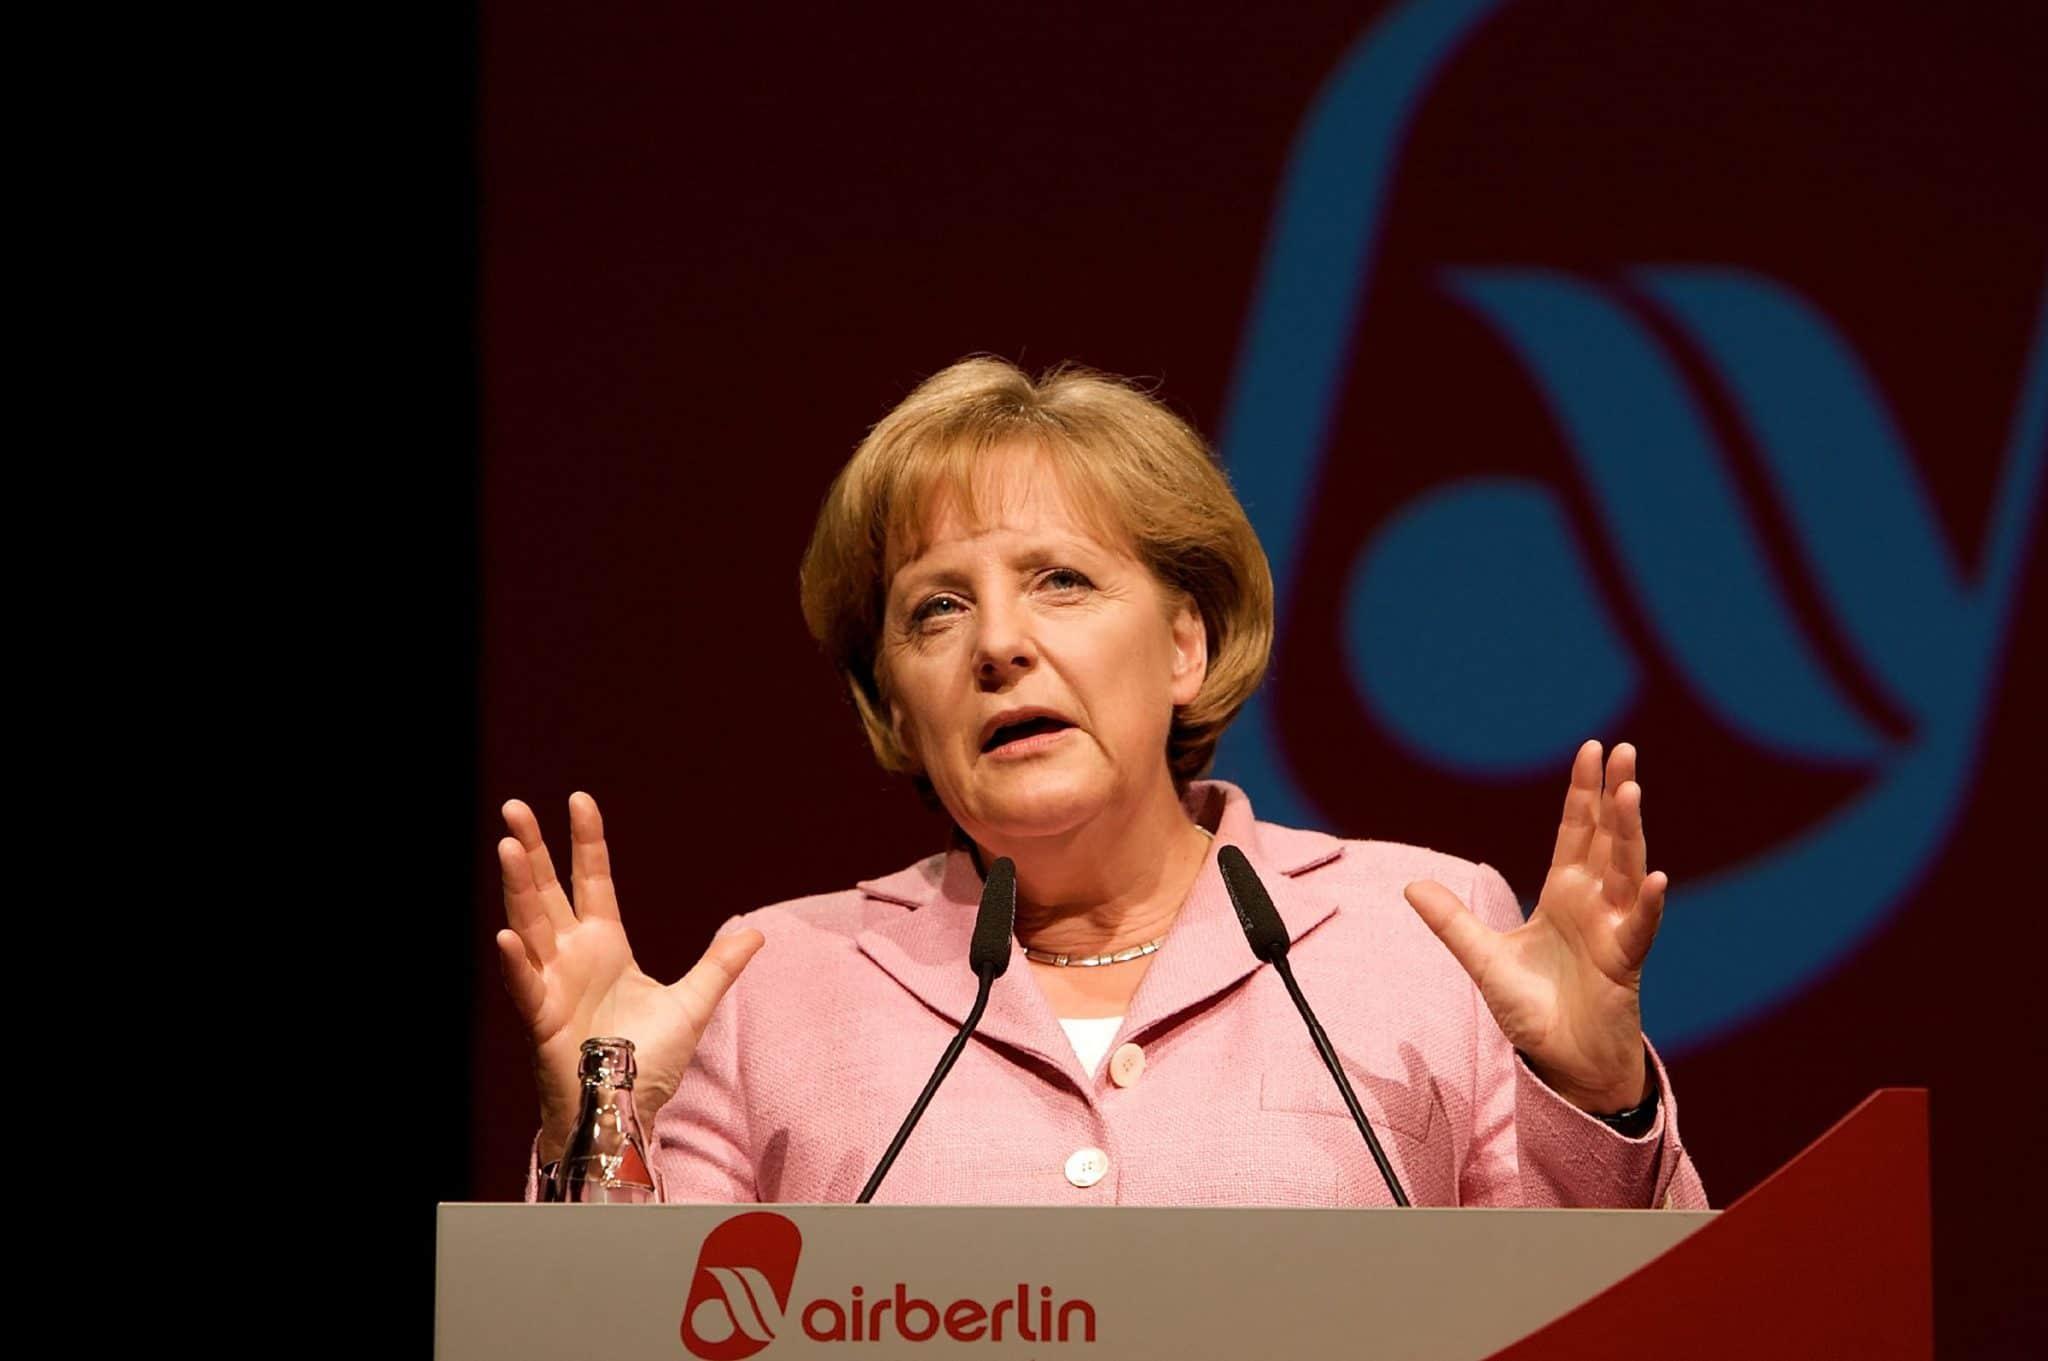 Eventfotografie Air Berlin Angela Merkel hält die Eröffnungsrede Air Berlin